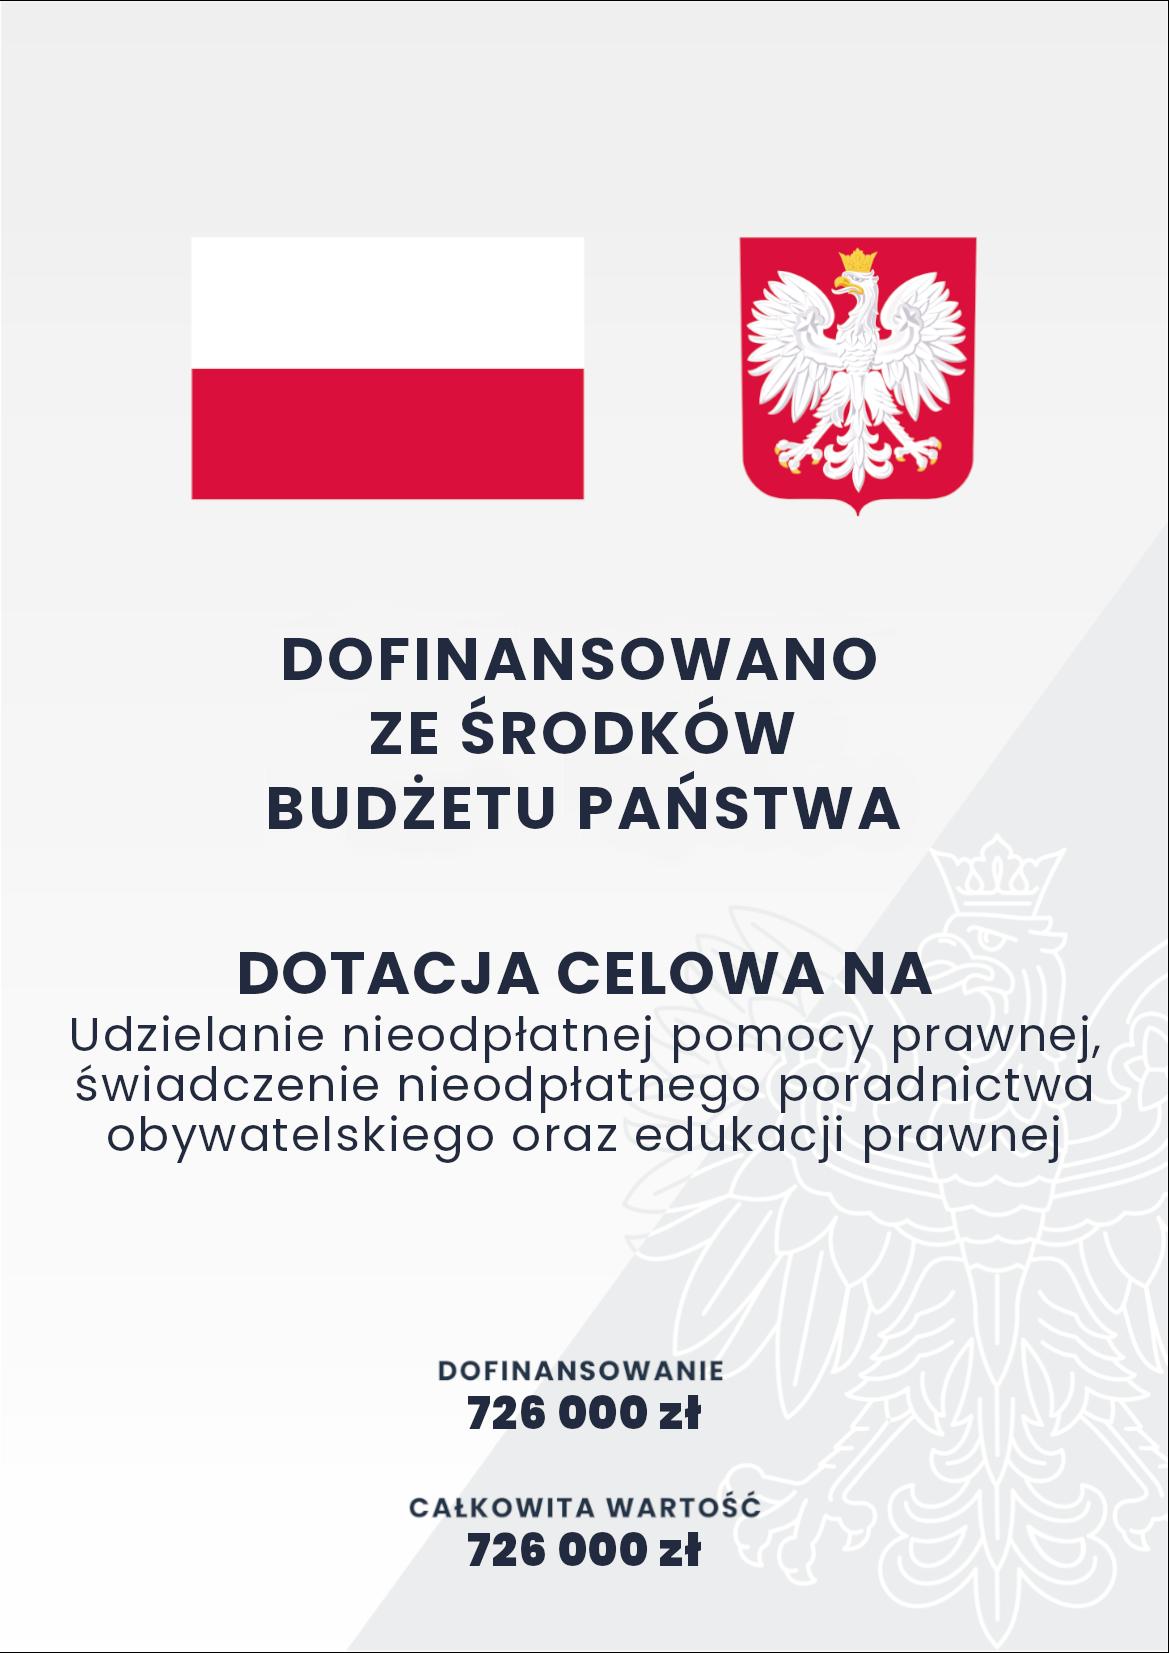 Plakat dofinansowano z budżetu państwa